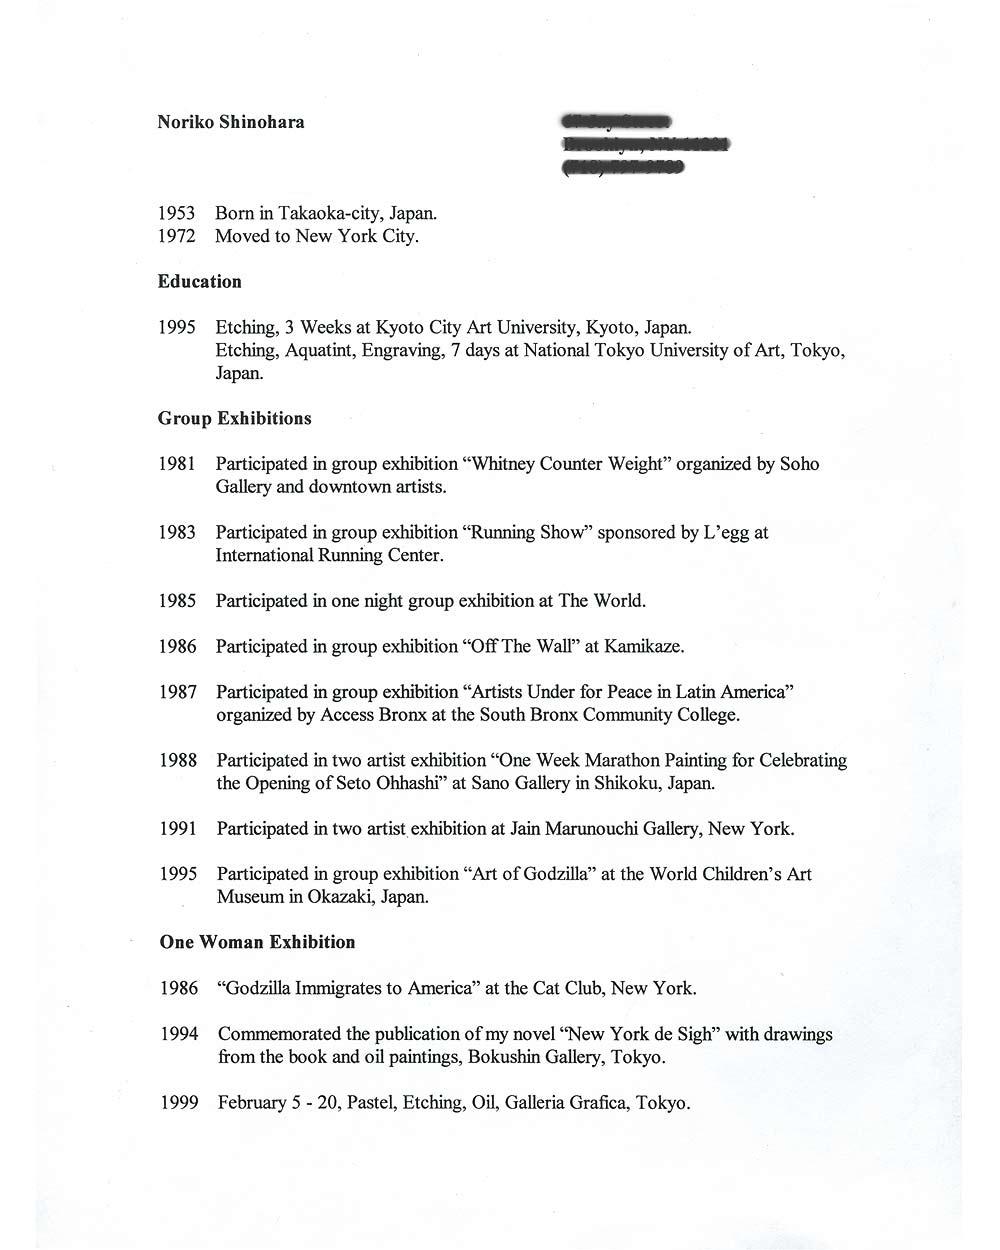 Noriko Shinohara's Resume